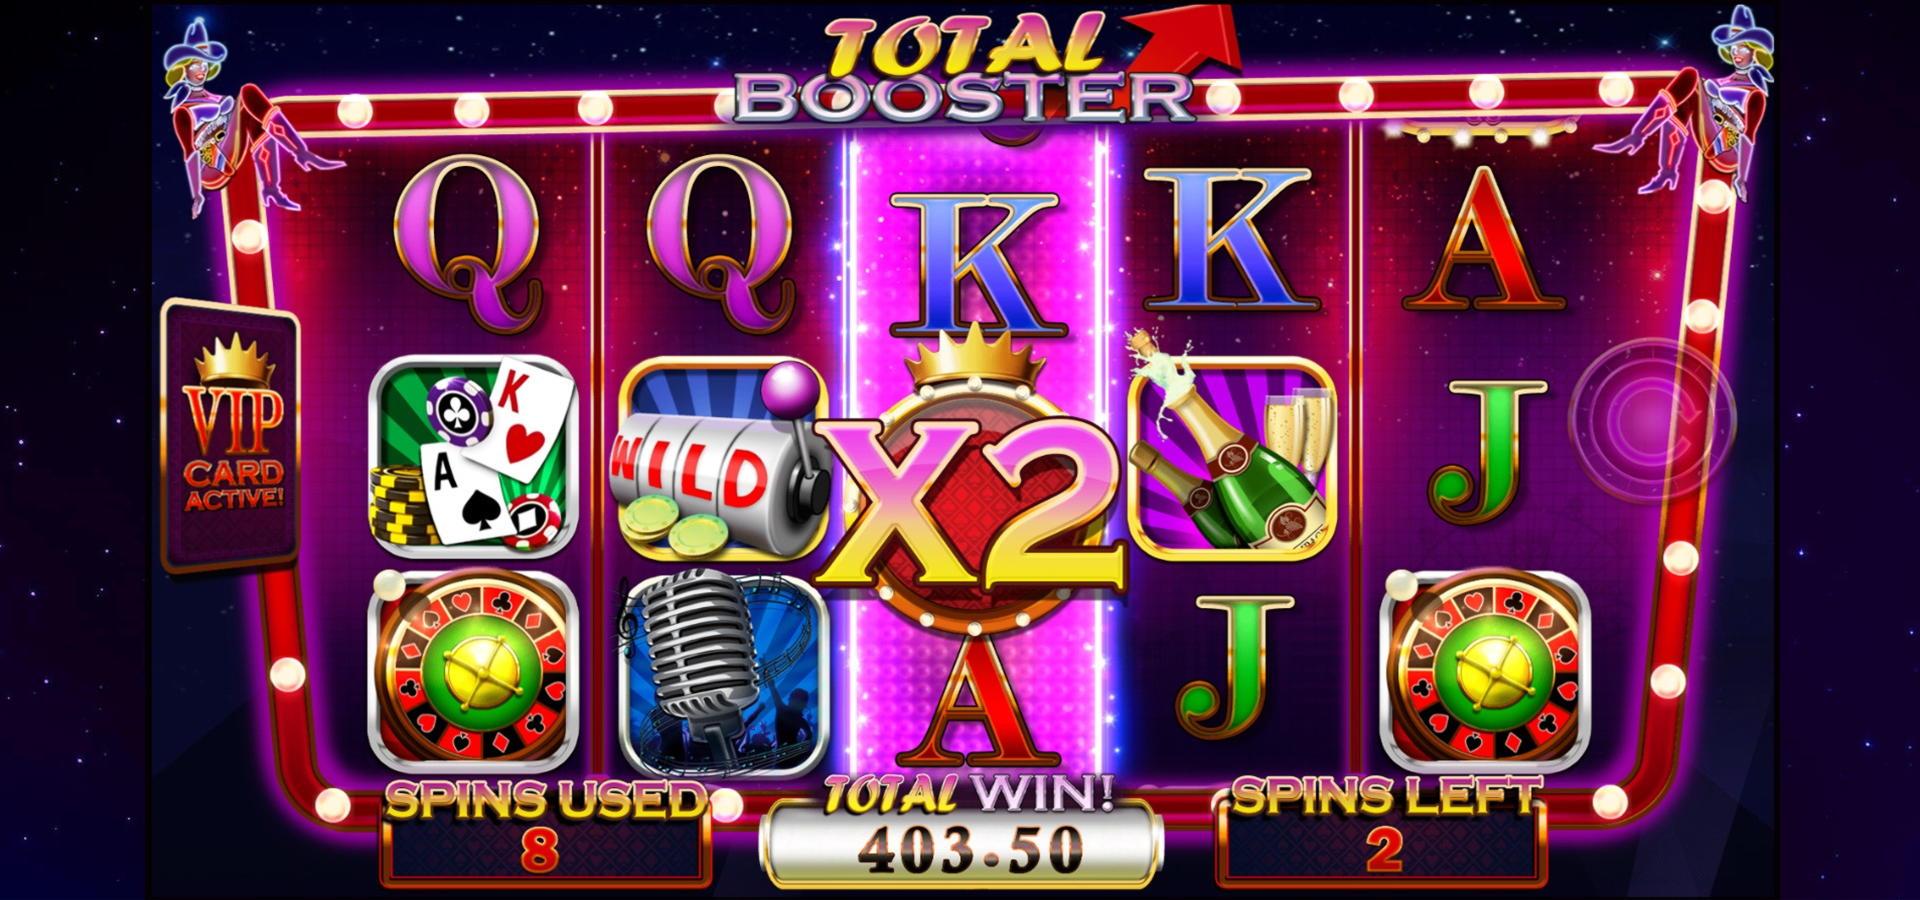 665% โบนัสเงินฝากการแข่งขันที่ Slots Of Vegas Casino